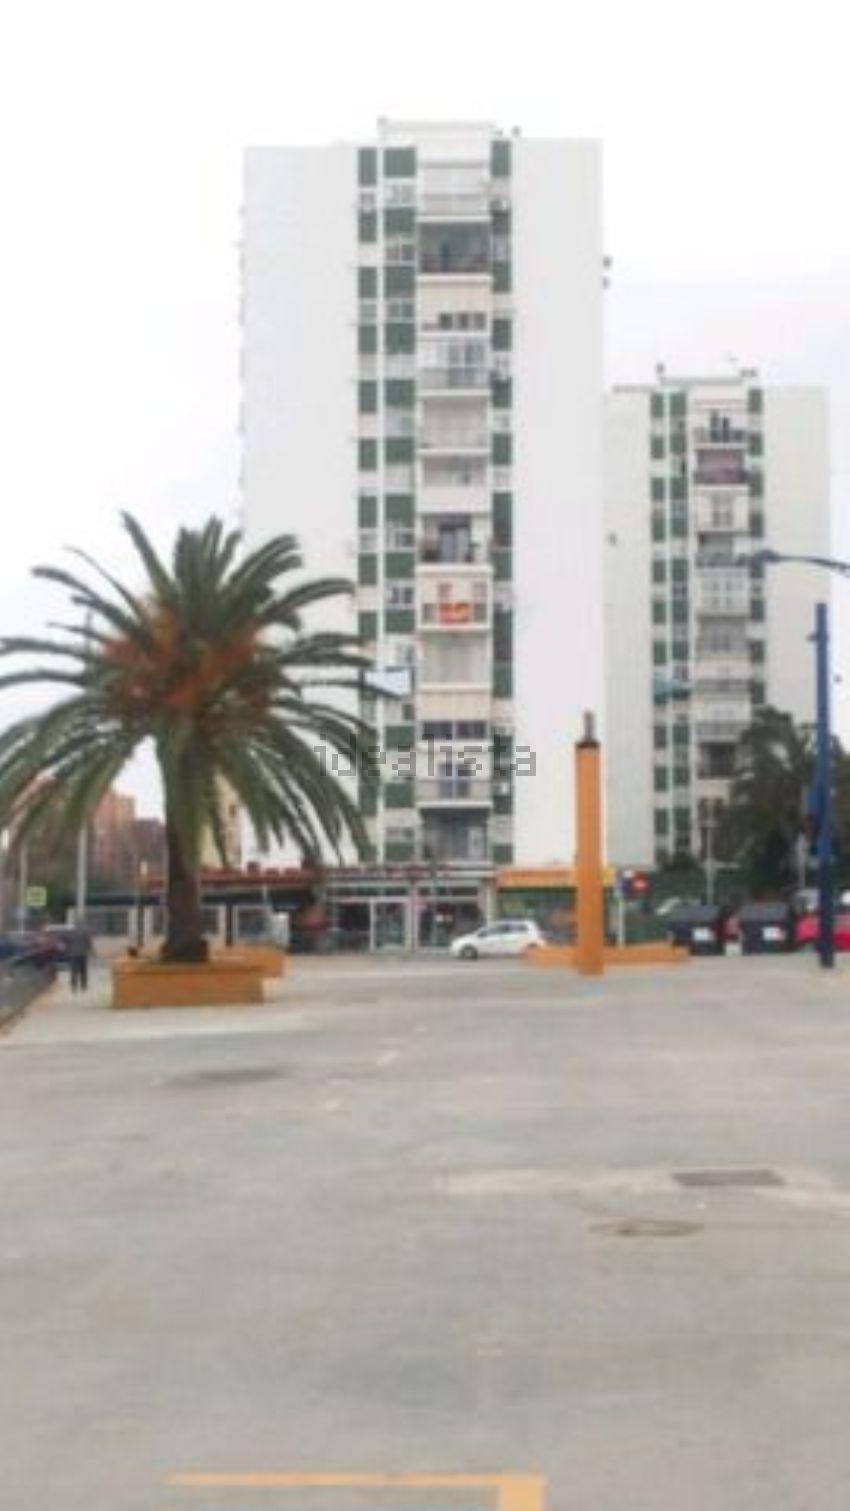 Piso en Urbanizacion Mariana Pineda, 6, La Reconquista - El Ensanche, Algeciras